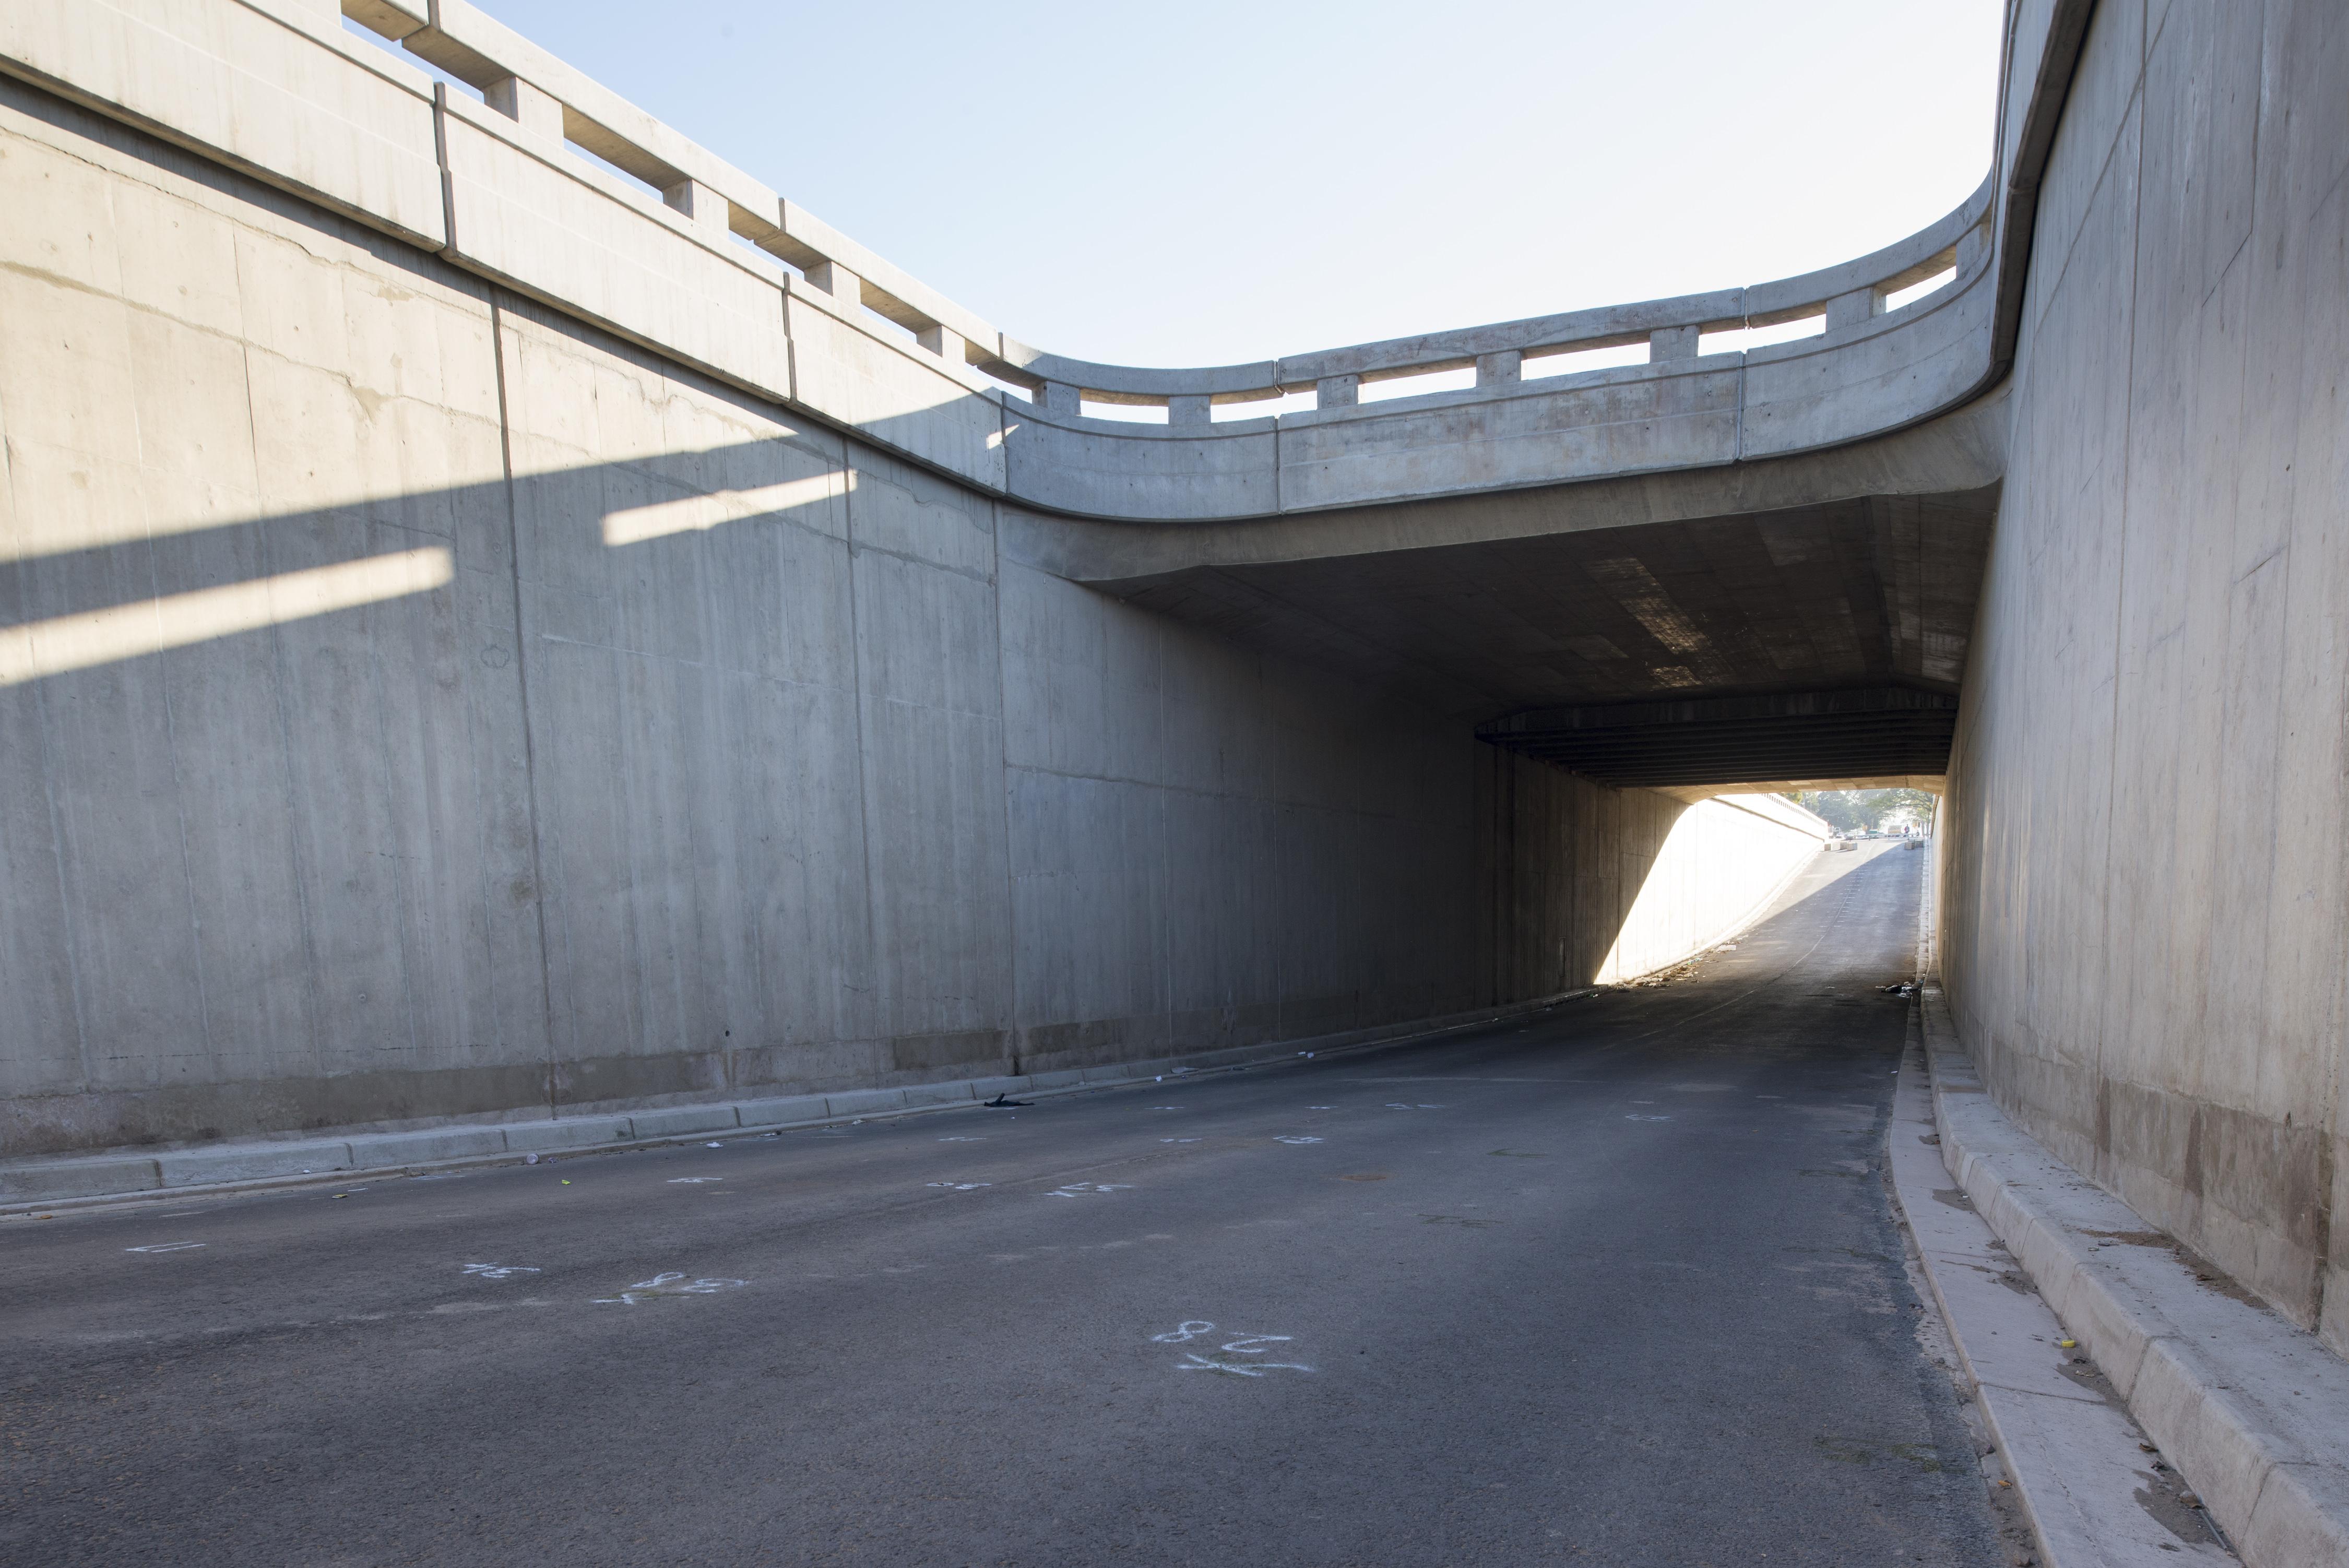 BRT - ANDERSON ROAD